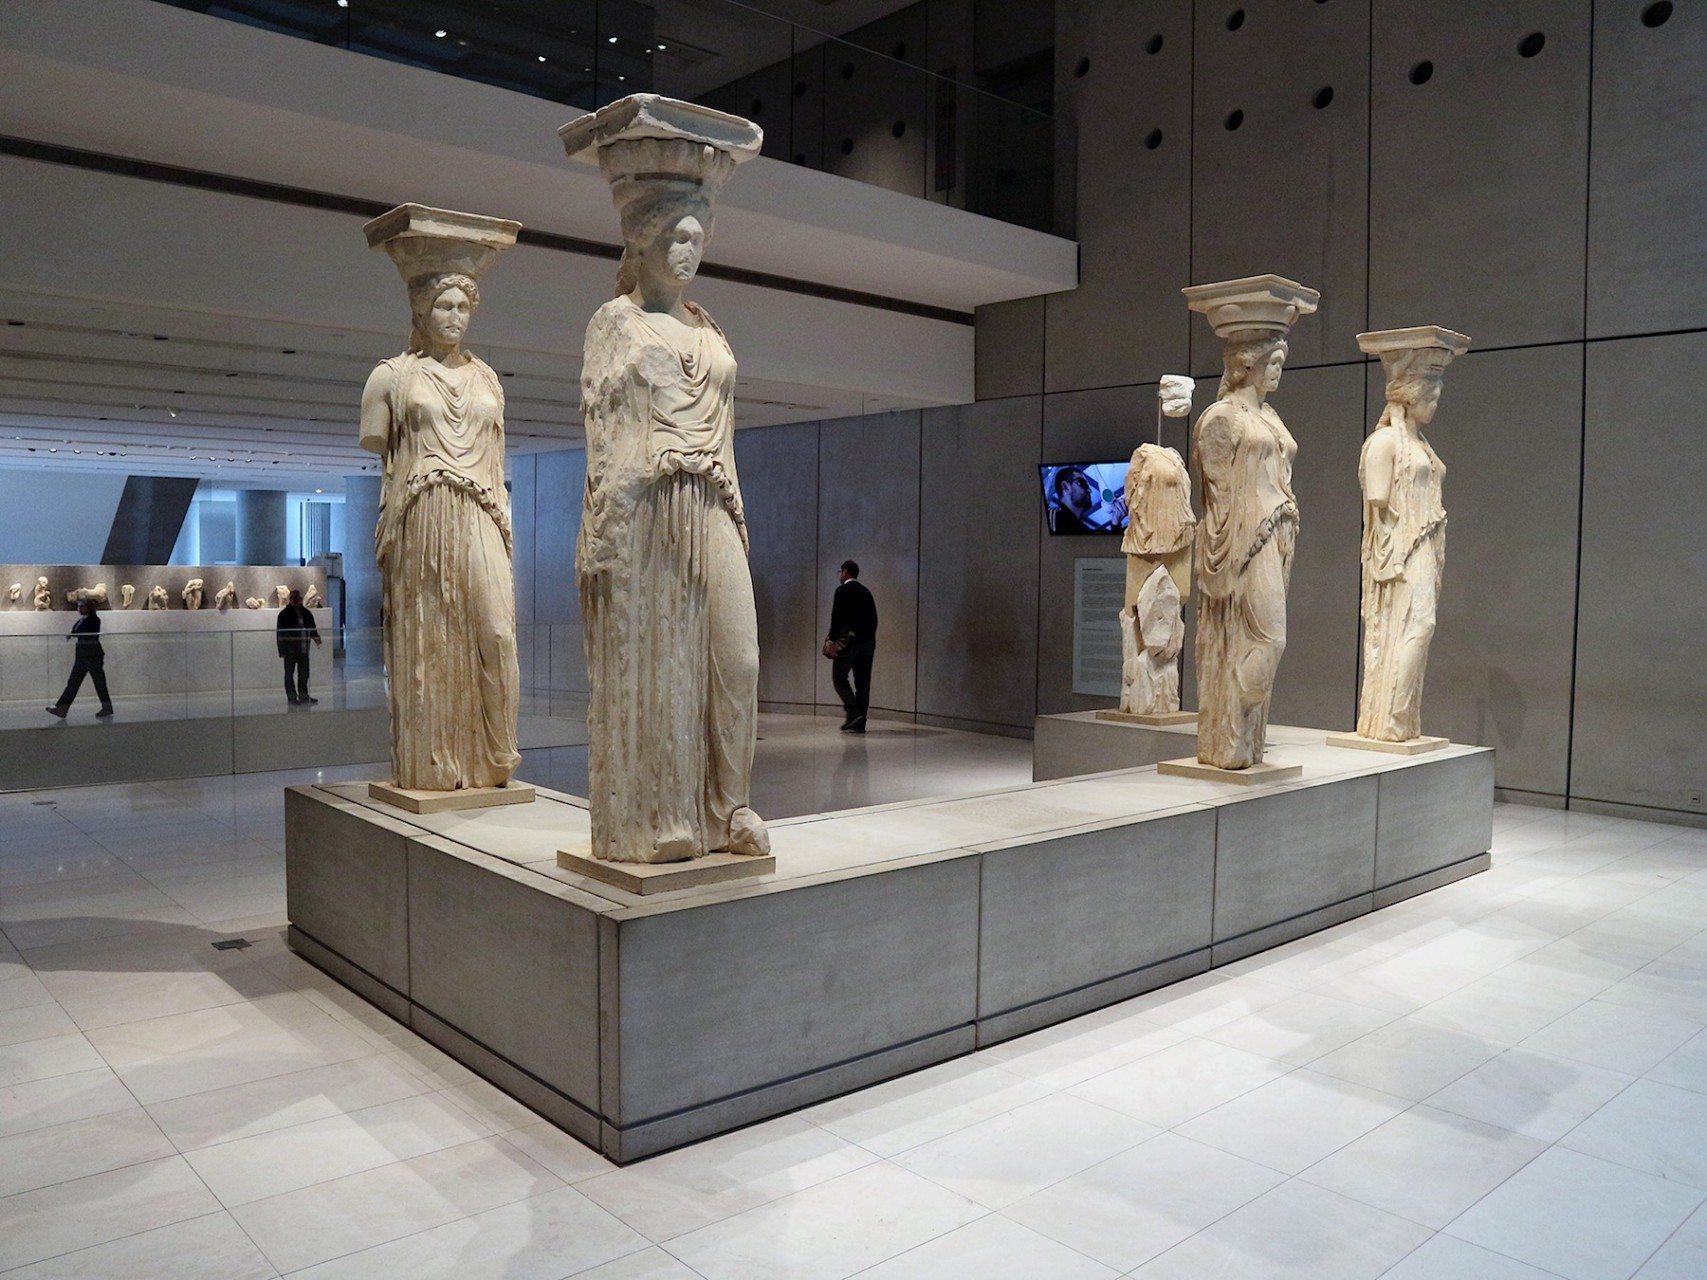 Allseitig. Die Karyatiden sind räumlich exakt so angeordnet, wie an ihrem ursprünglichen Standort am Erechteion. Die Kunstfertigkeit ihrer Schöpfer kann allerdings hier von allen Seiten betrachtet werden.